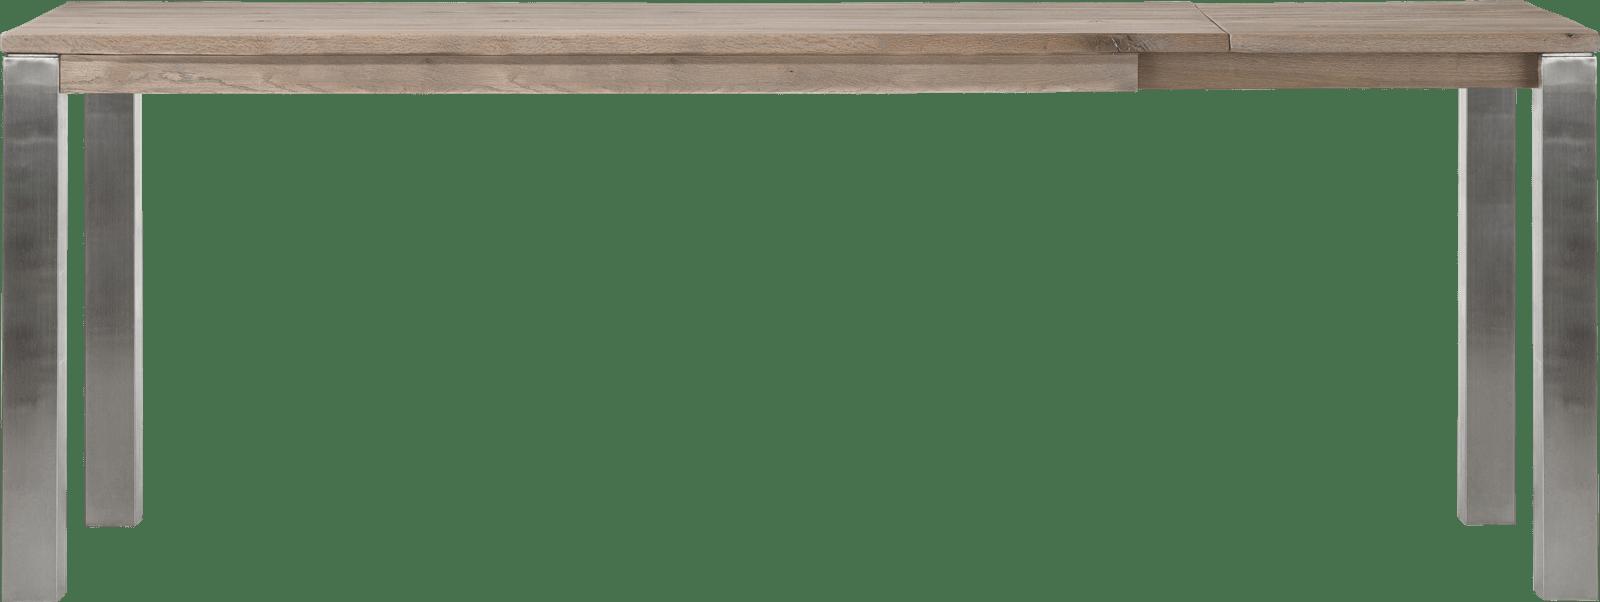 Masters - uitschuif-bartafel 200 (+ 60) x 100 cm - rvs 9x9